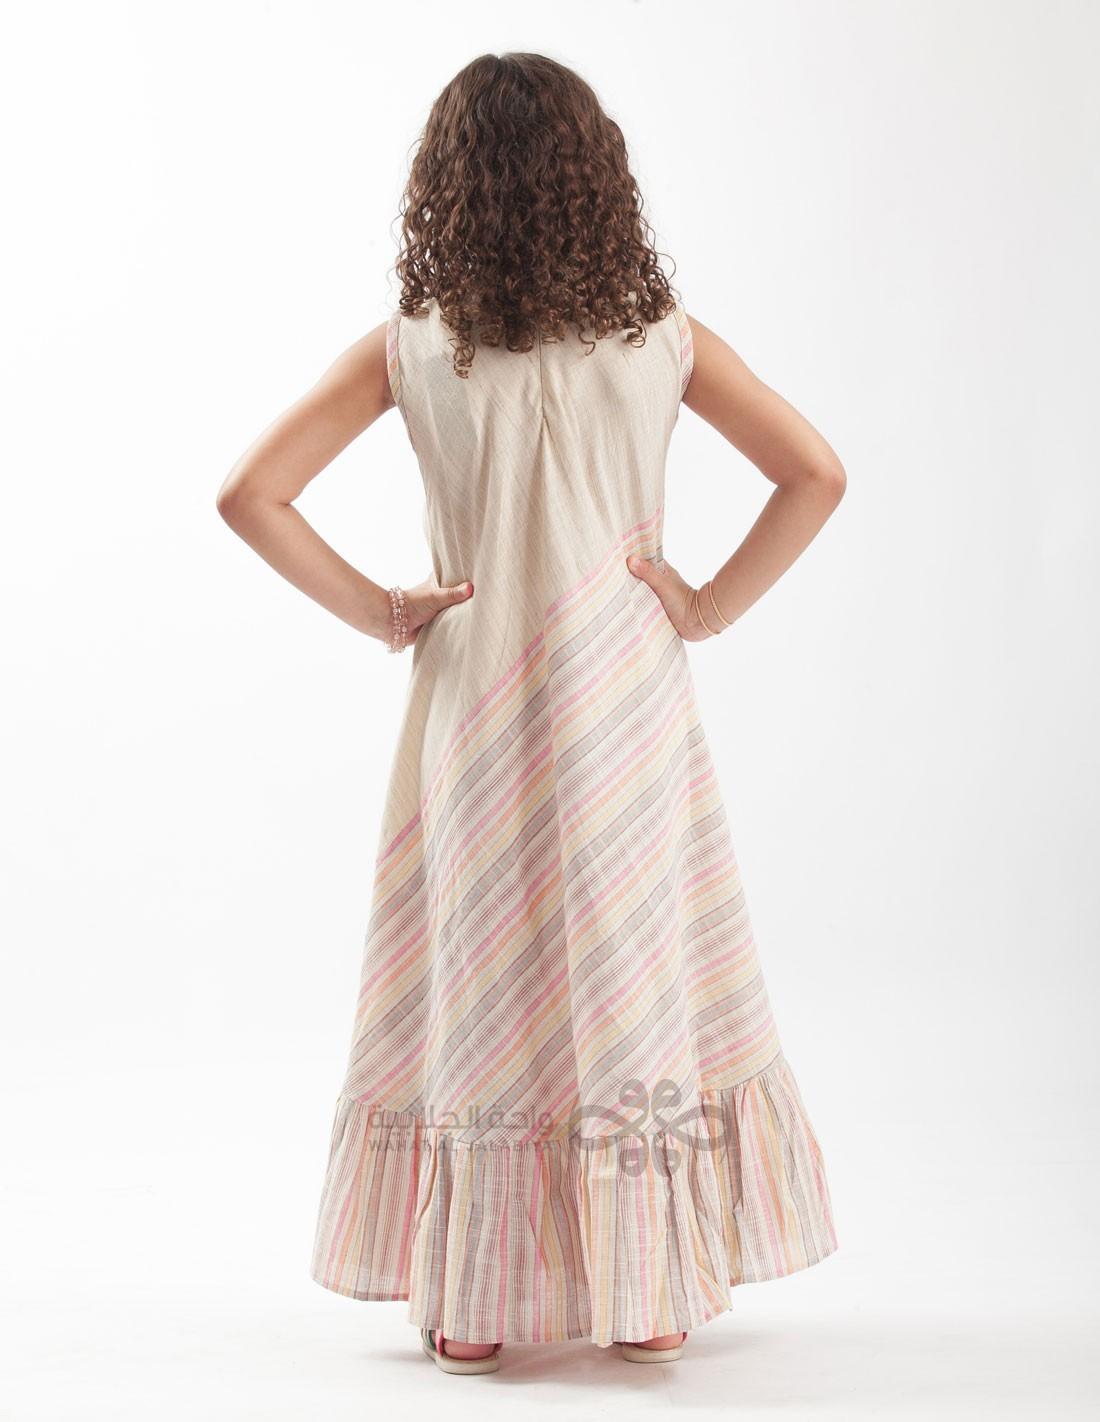 GIRLS JALABIYA ABAYAJILBABMOSQUEMADRESSAHISLAMIC CLOTHING